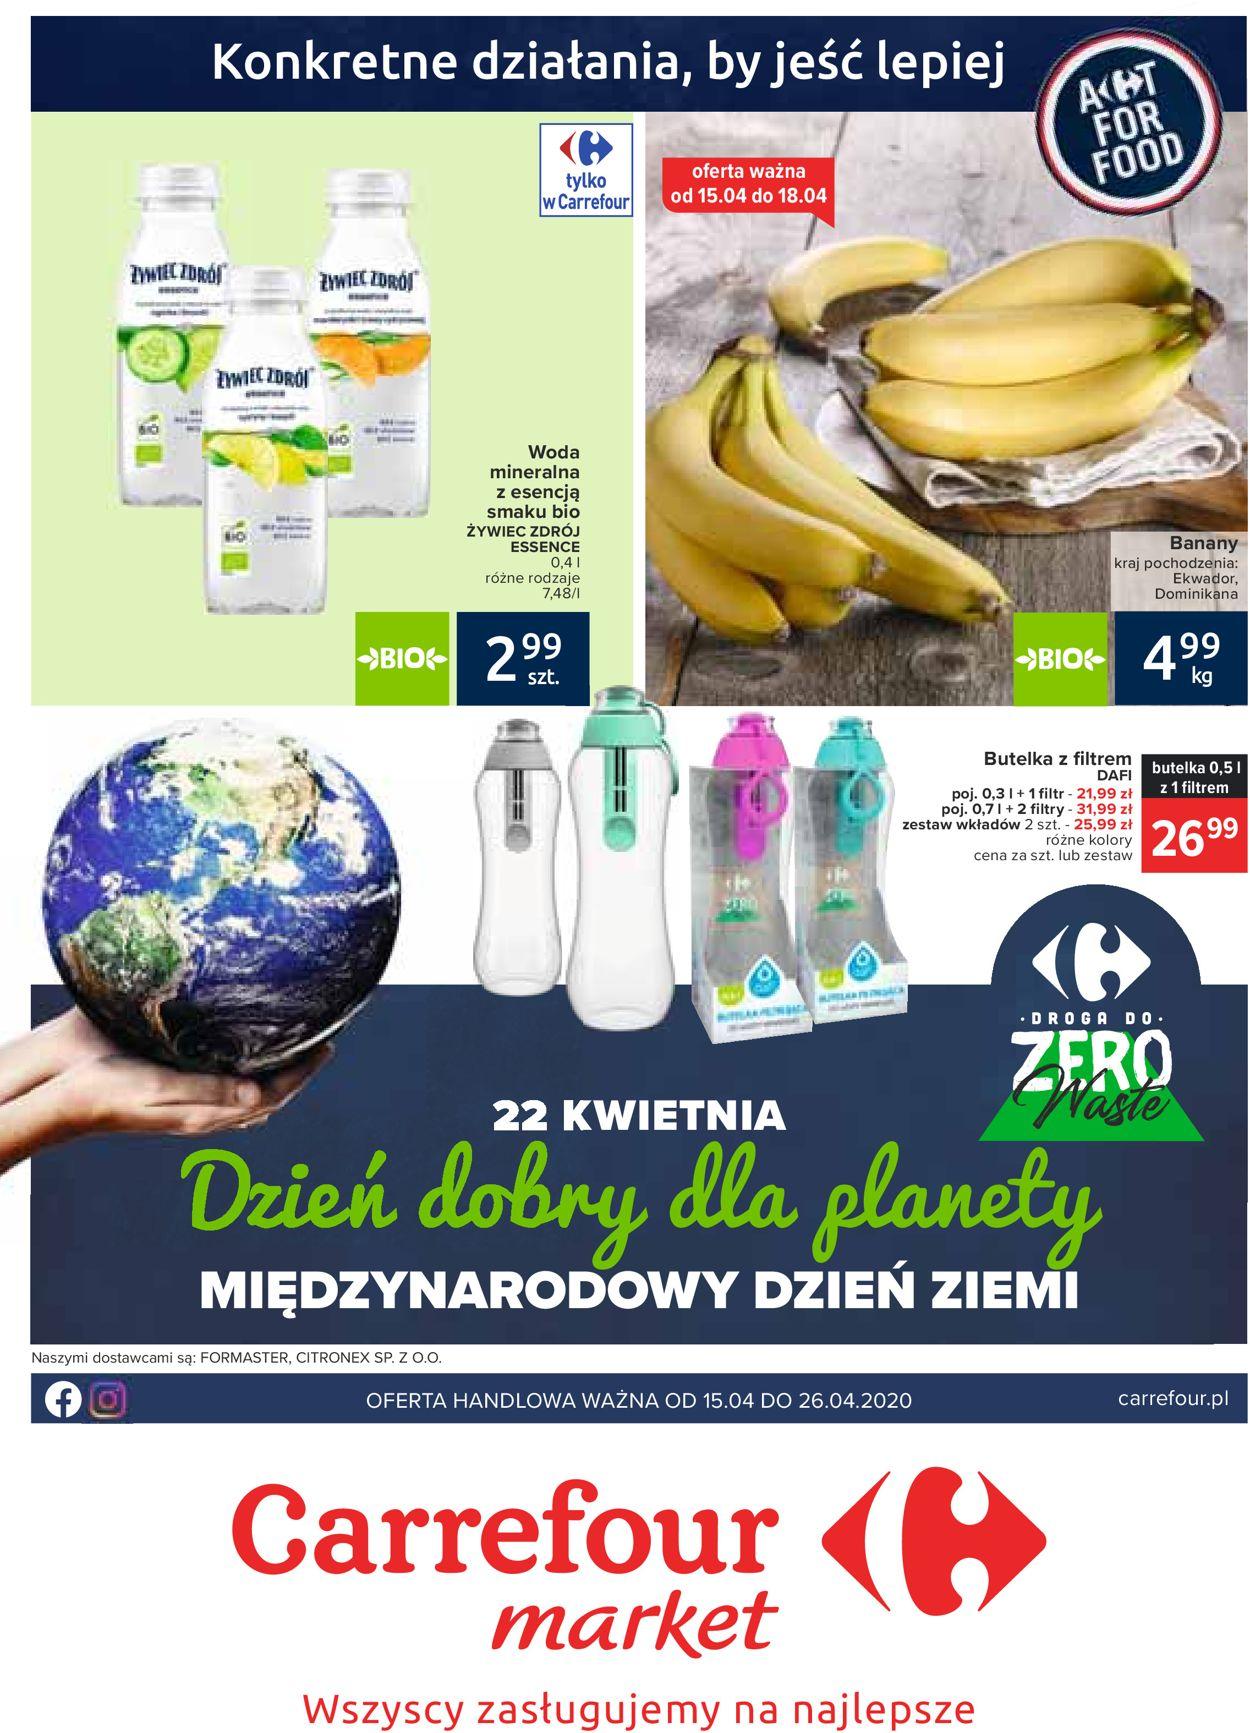 Gazetka promocyjna Carrefour - 15.04-26.04.2020